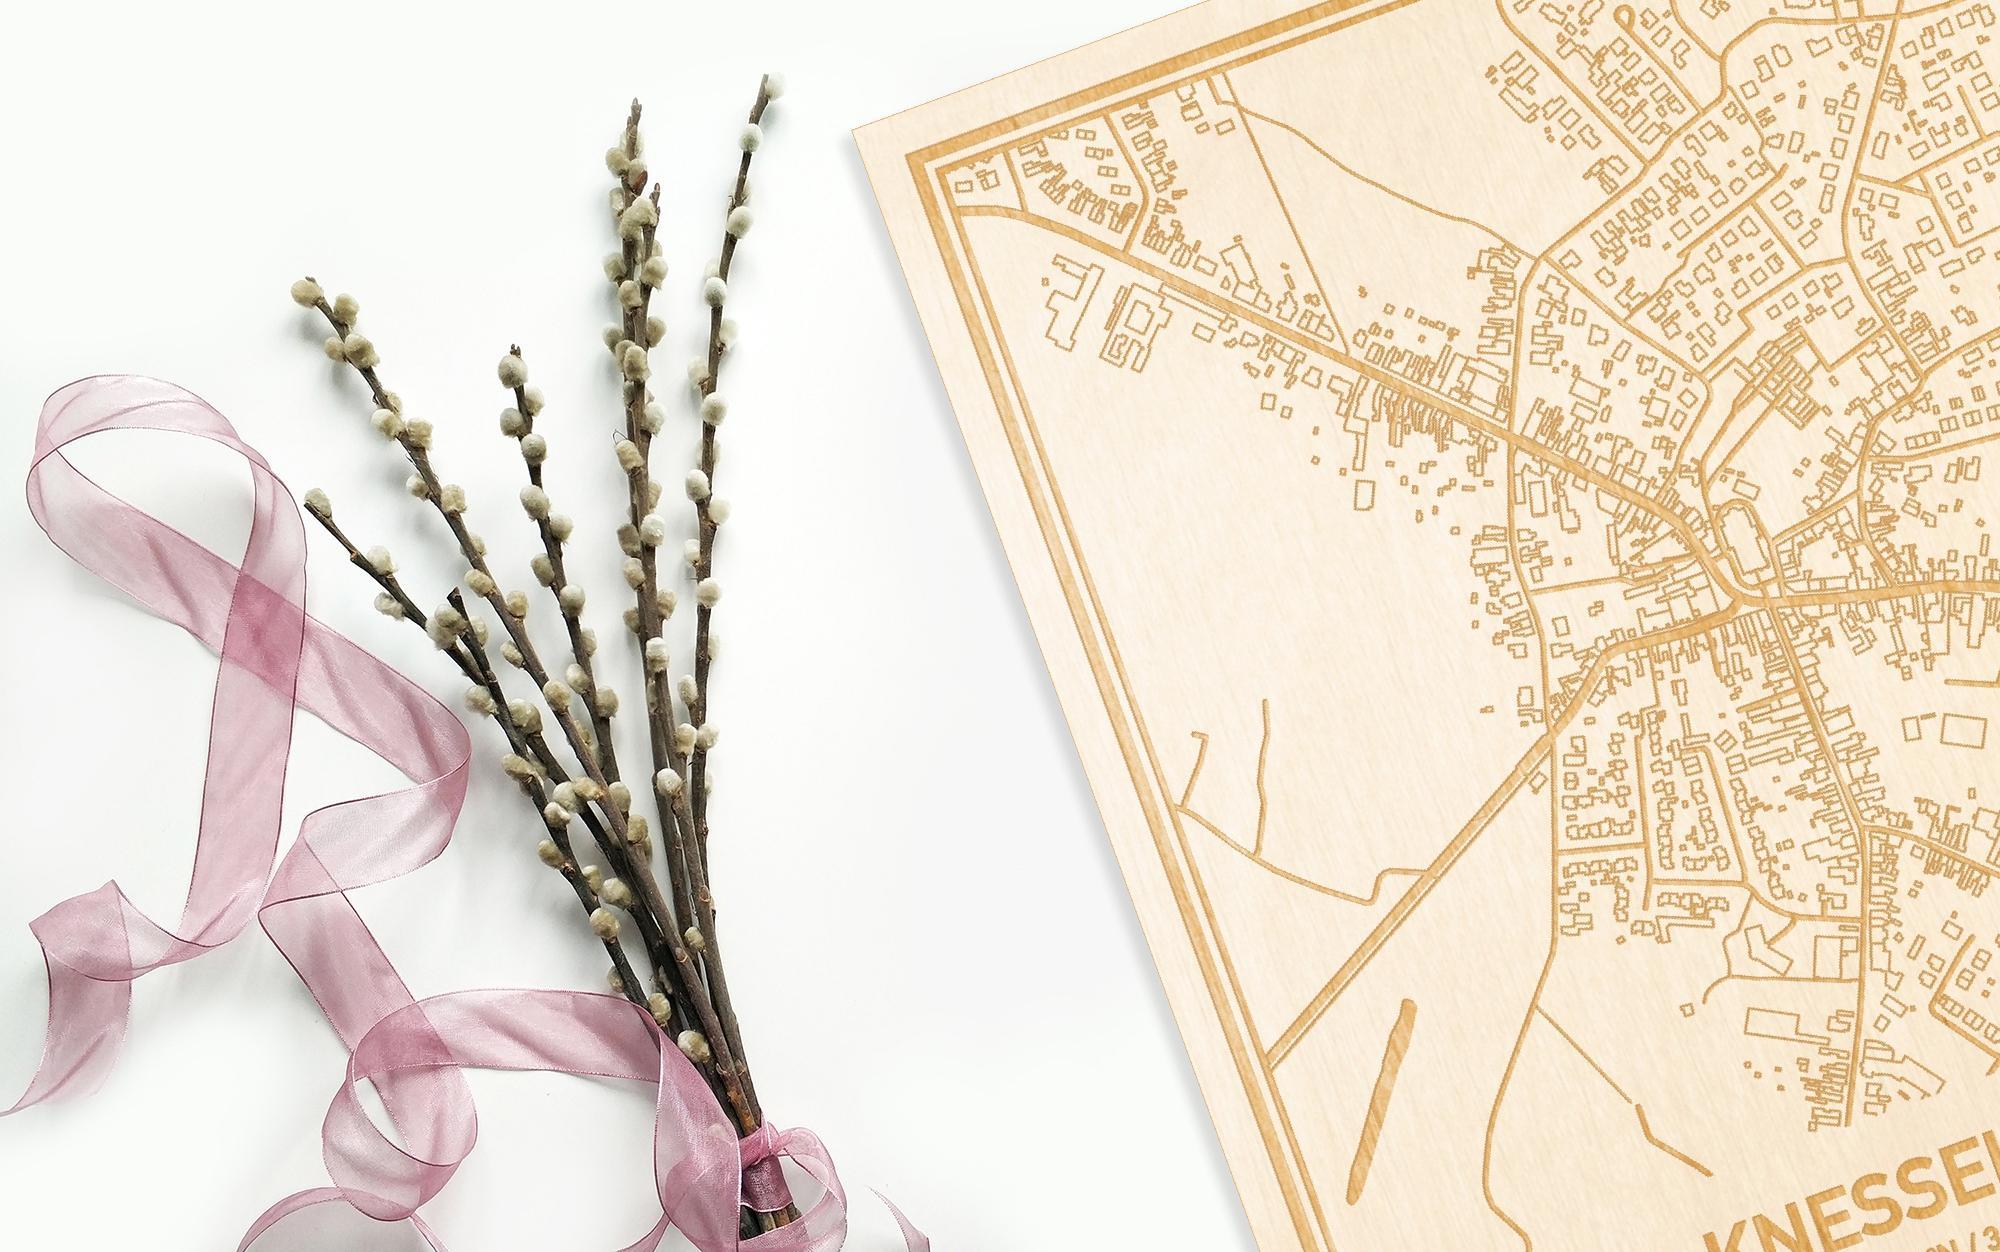 Hier ligt de houten plattegrond Knesselare naast een bloemetje als gepersonaliseerd cadeau voor haar.